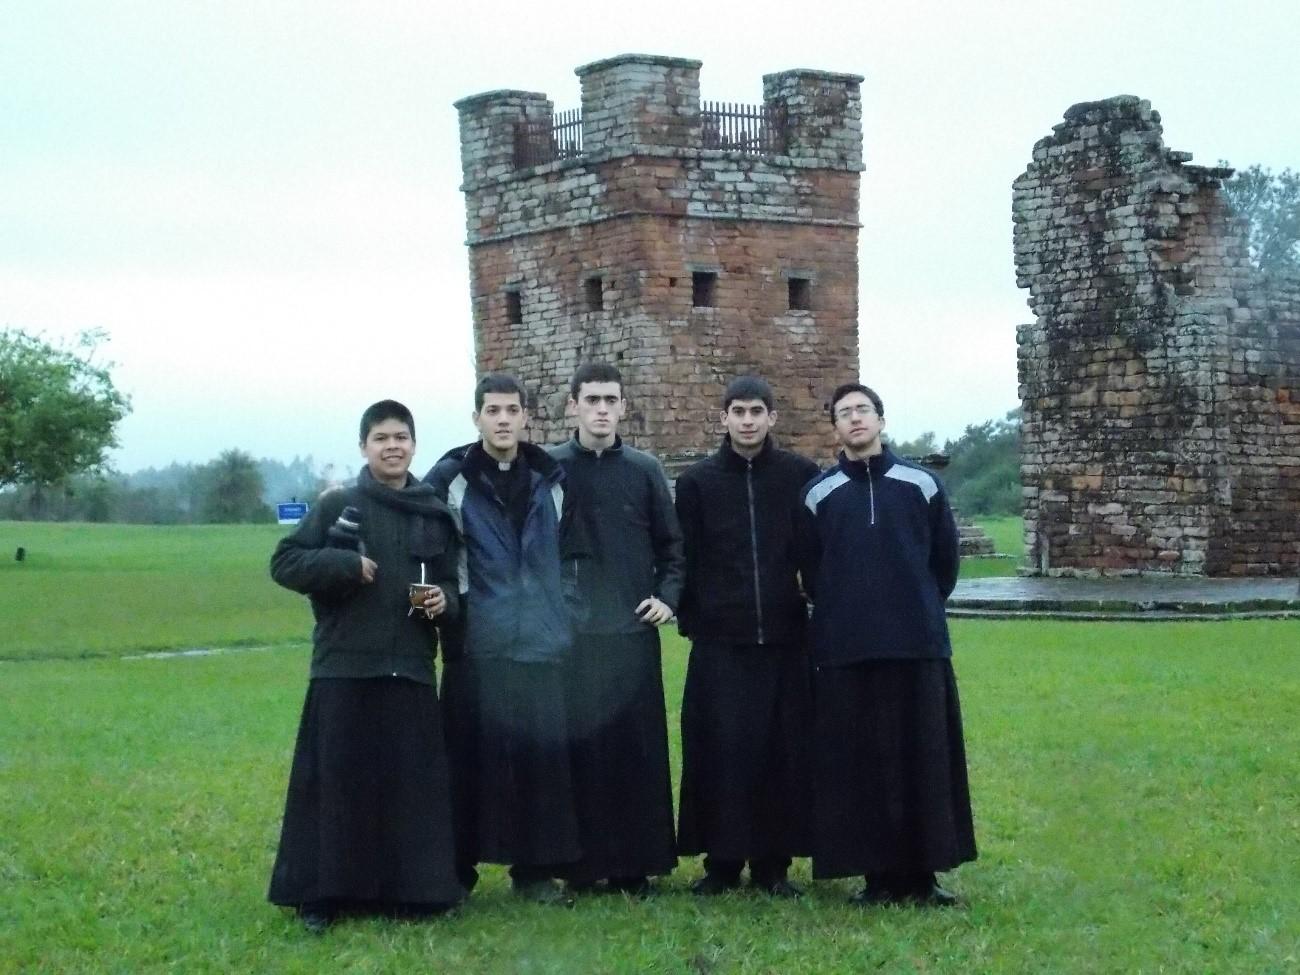 Los seminaristas del Instituto del Verbo Encarnado participaron de la visita del Papa Francisco a paraguay. Conocieron también las reducciones jesuitas y los restos de San Roque González